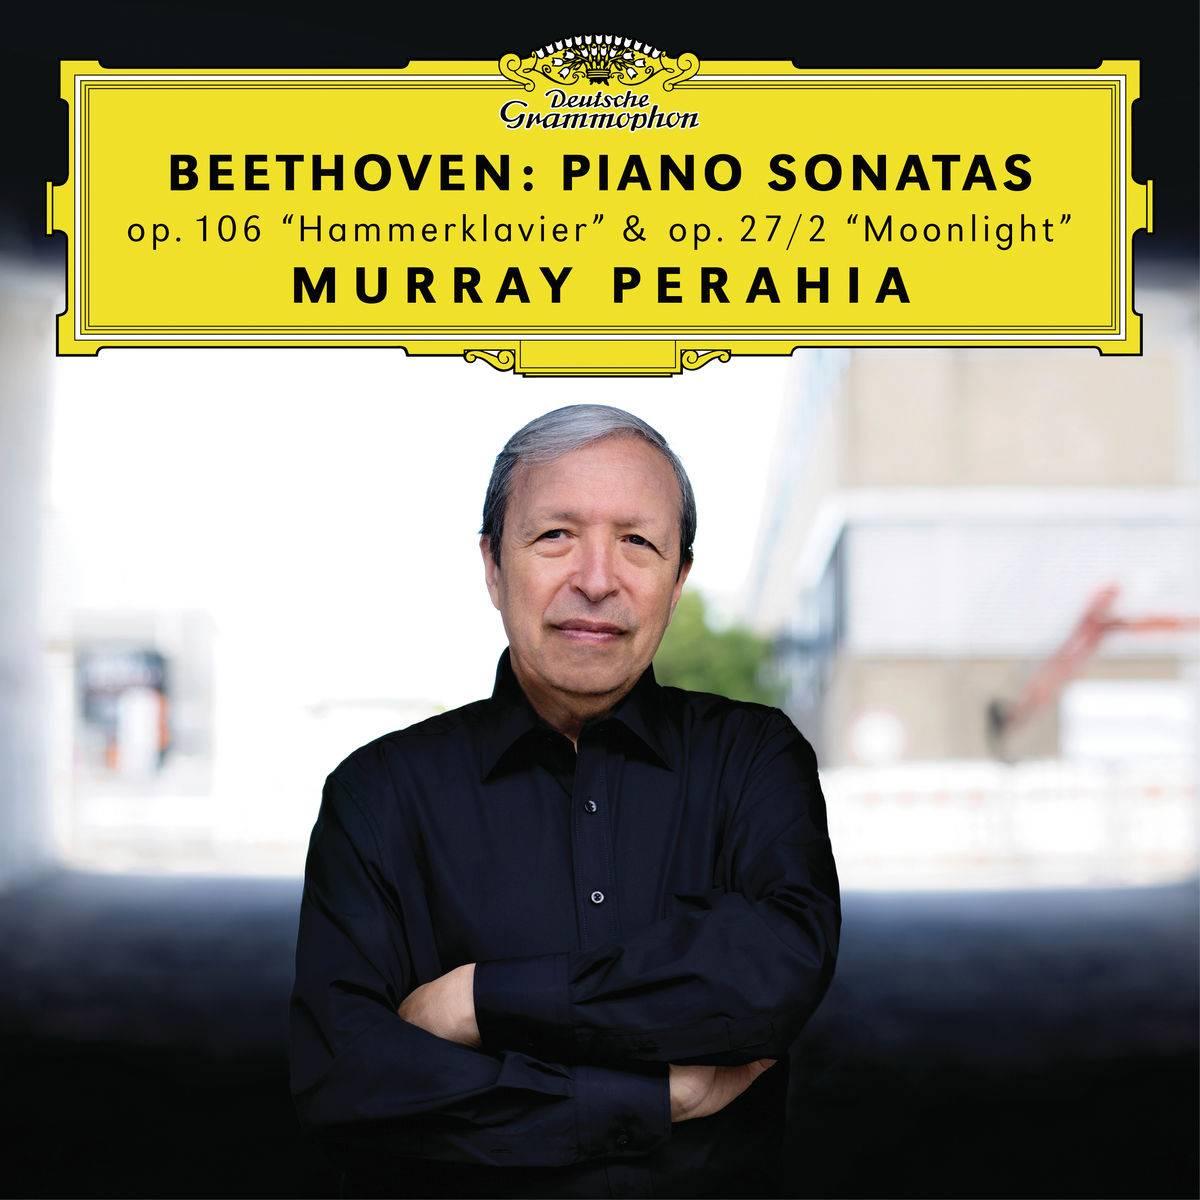 Murray Perahia - Beethoven: Piano Sonatas (2018) [Official Digital Download 24/96]